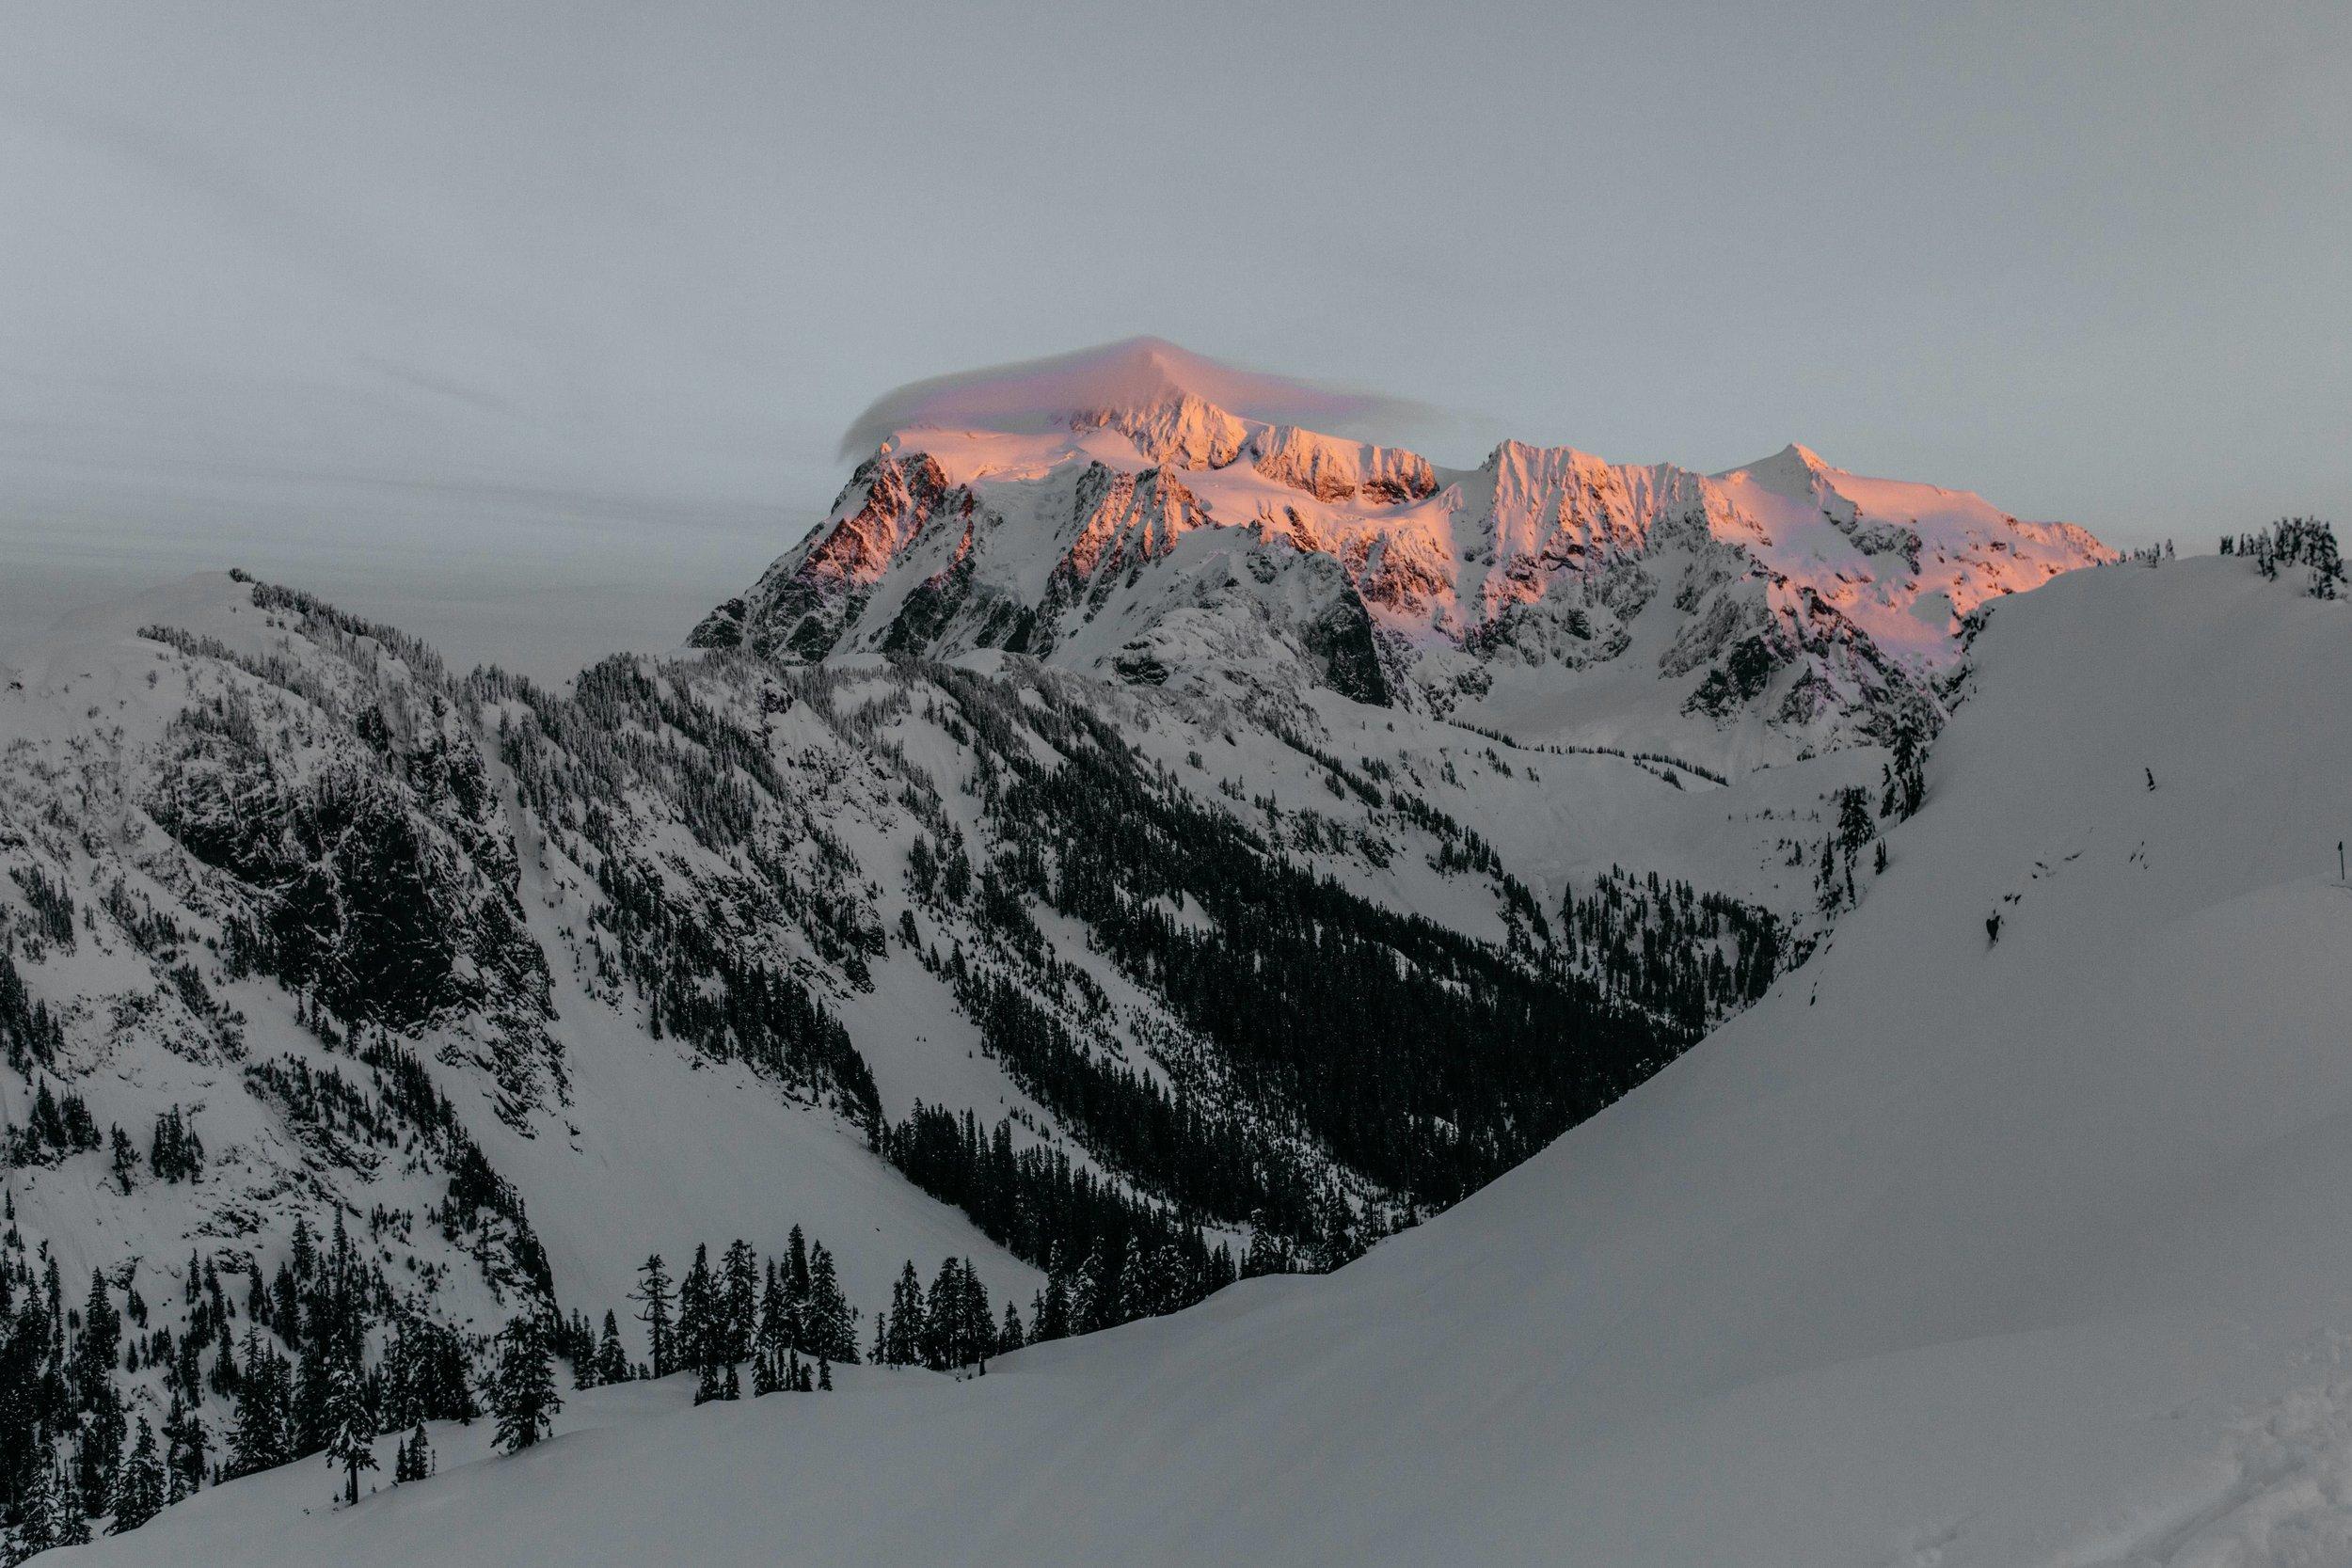 mount-shuksan-snow-camping-sunset.jpg